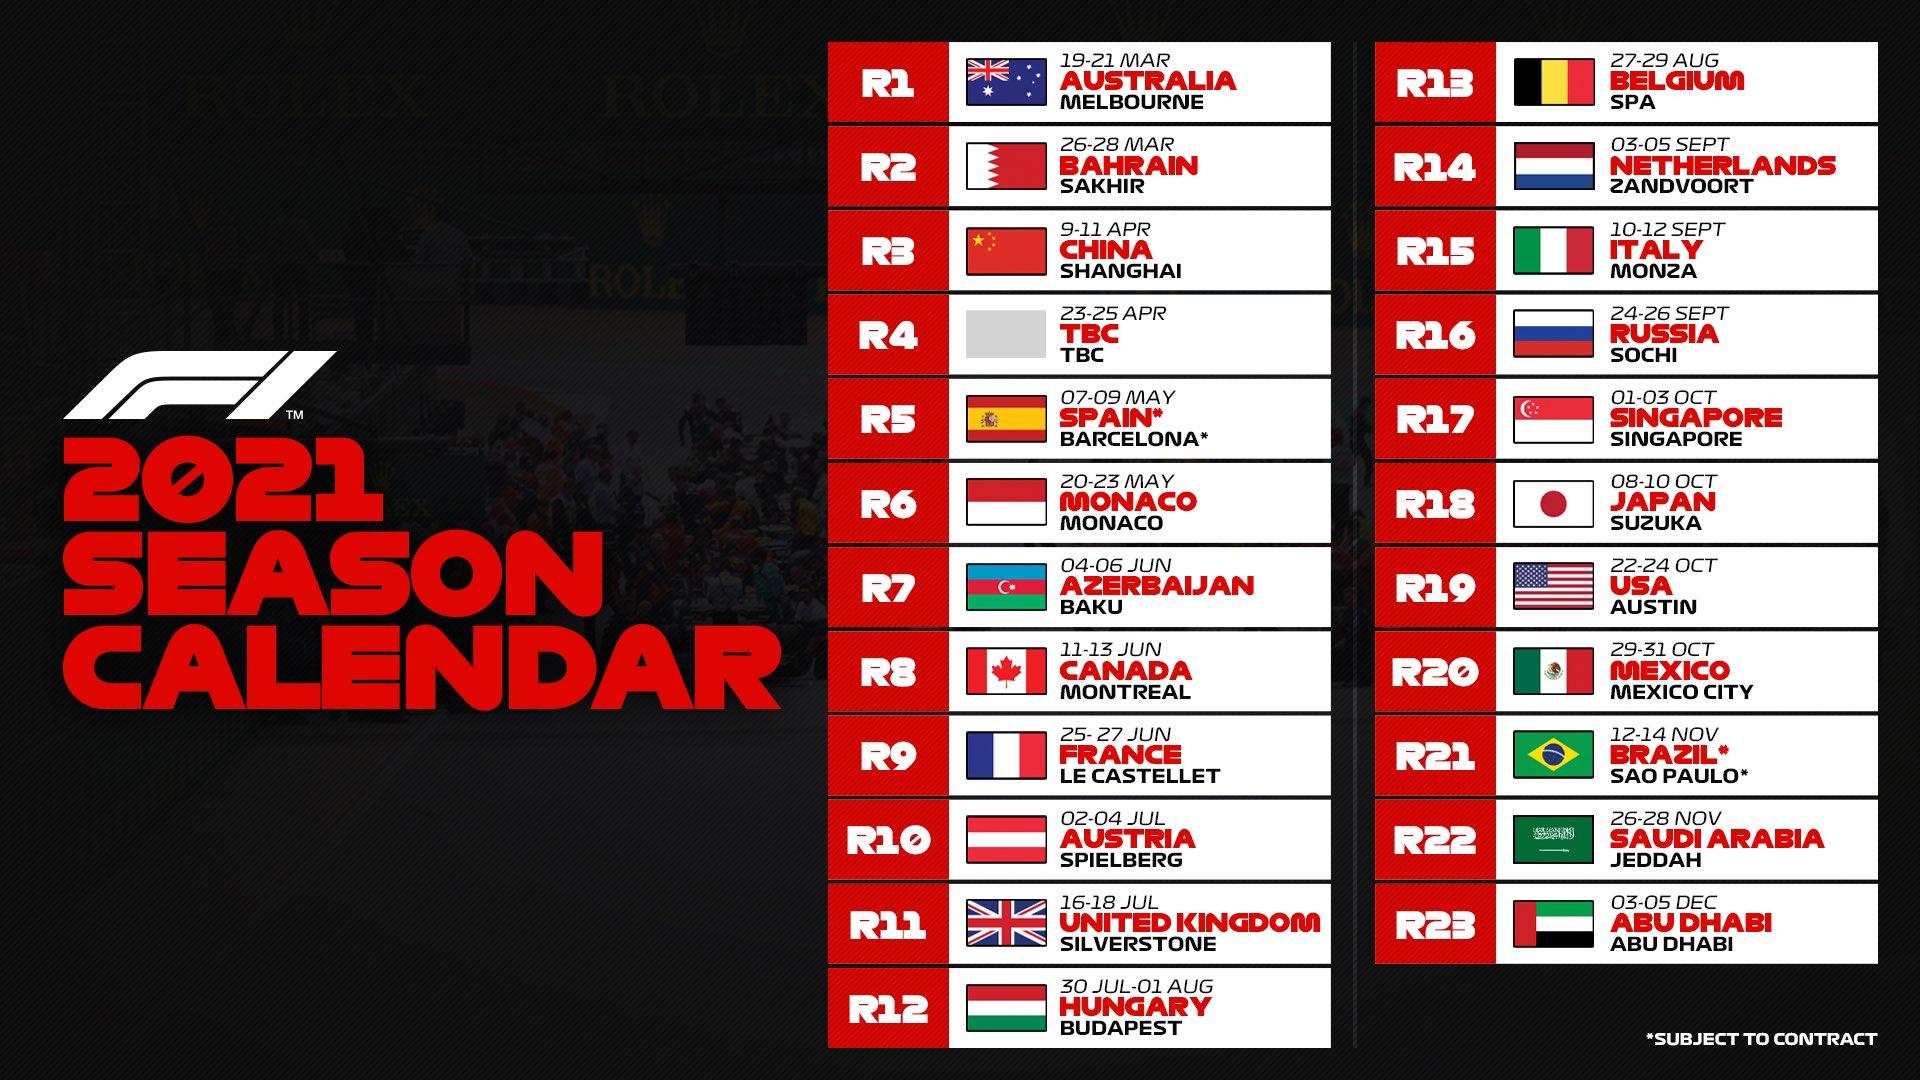 F1 : Le calendrier de la saison 2021 est sorti ! | Sport Business Mag